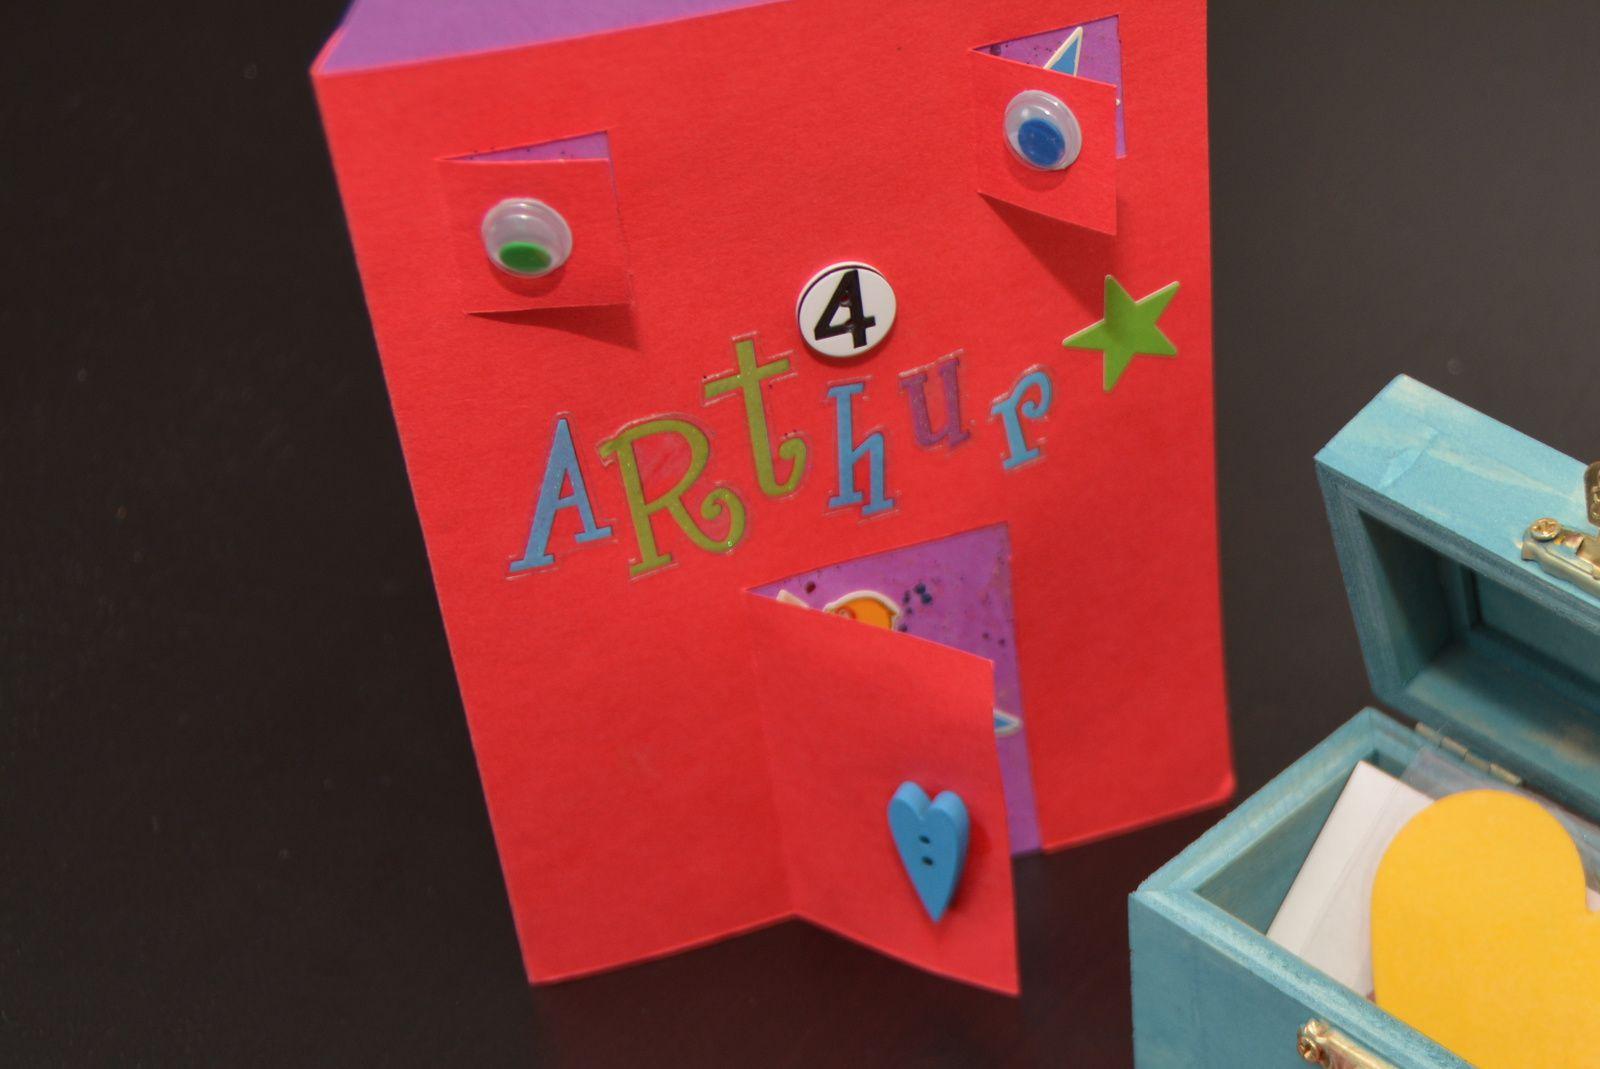 carte d anniversairearthur- enfant- 4 ans- maison- surperman - charlotteblabla blog*